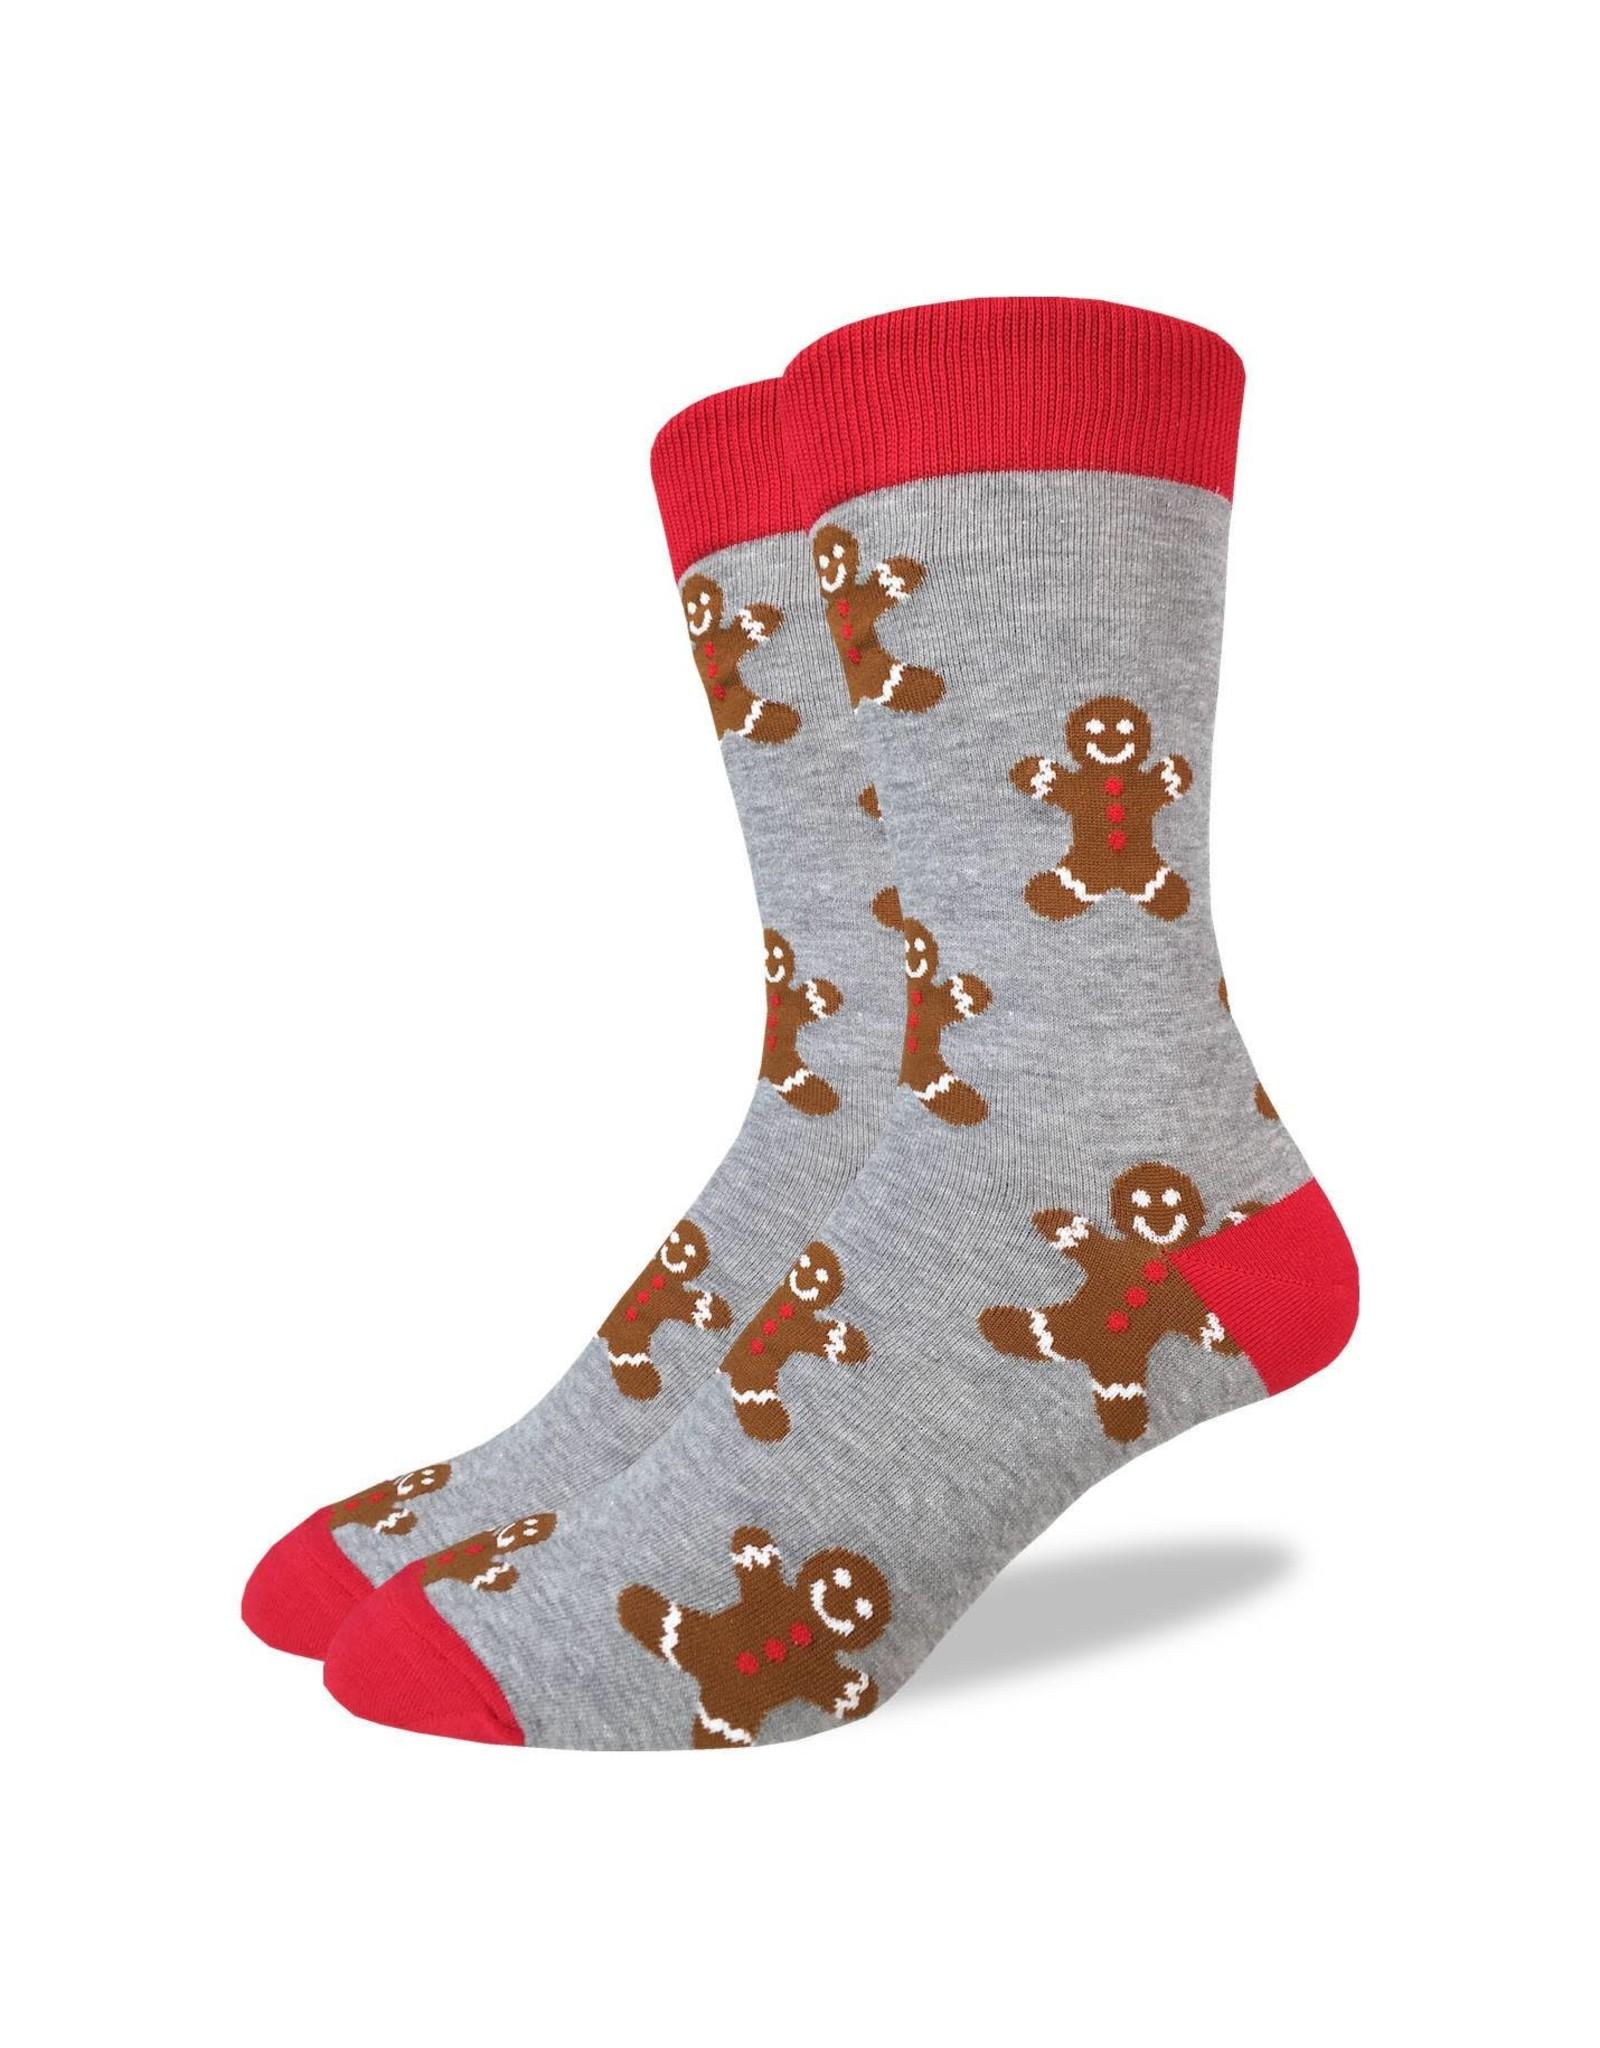 Good Luck Sock Men's Gingerbread Men Socks